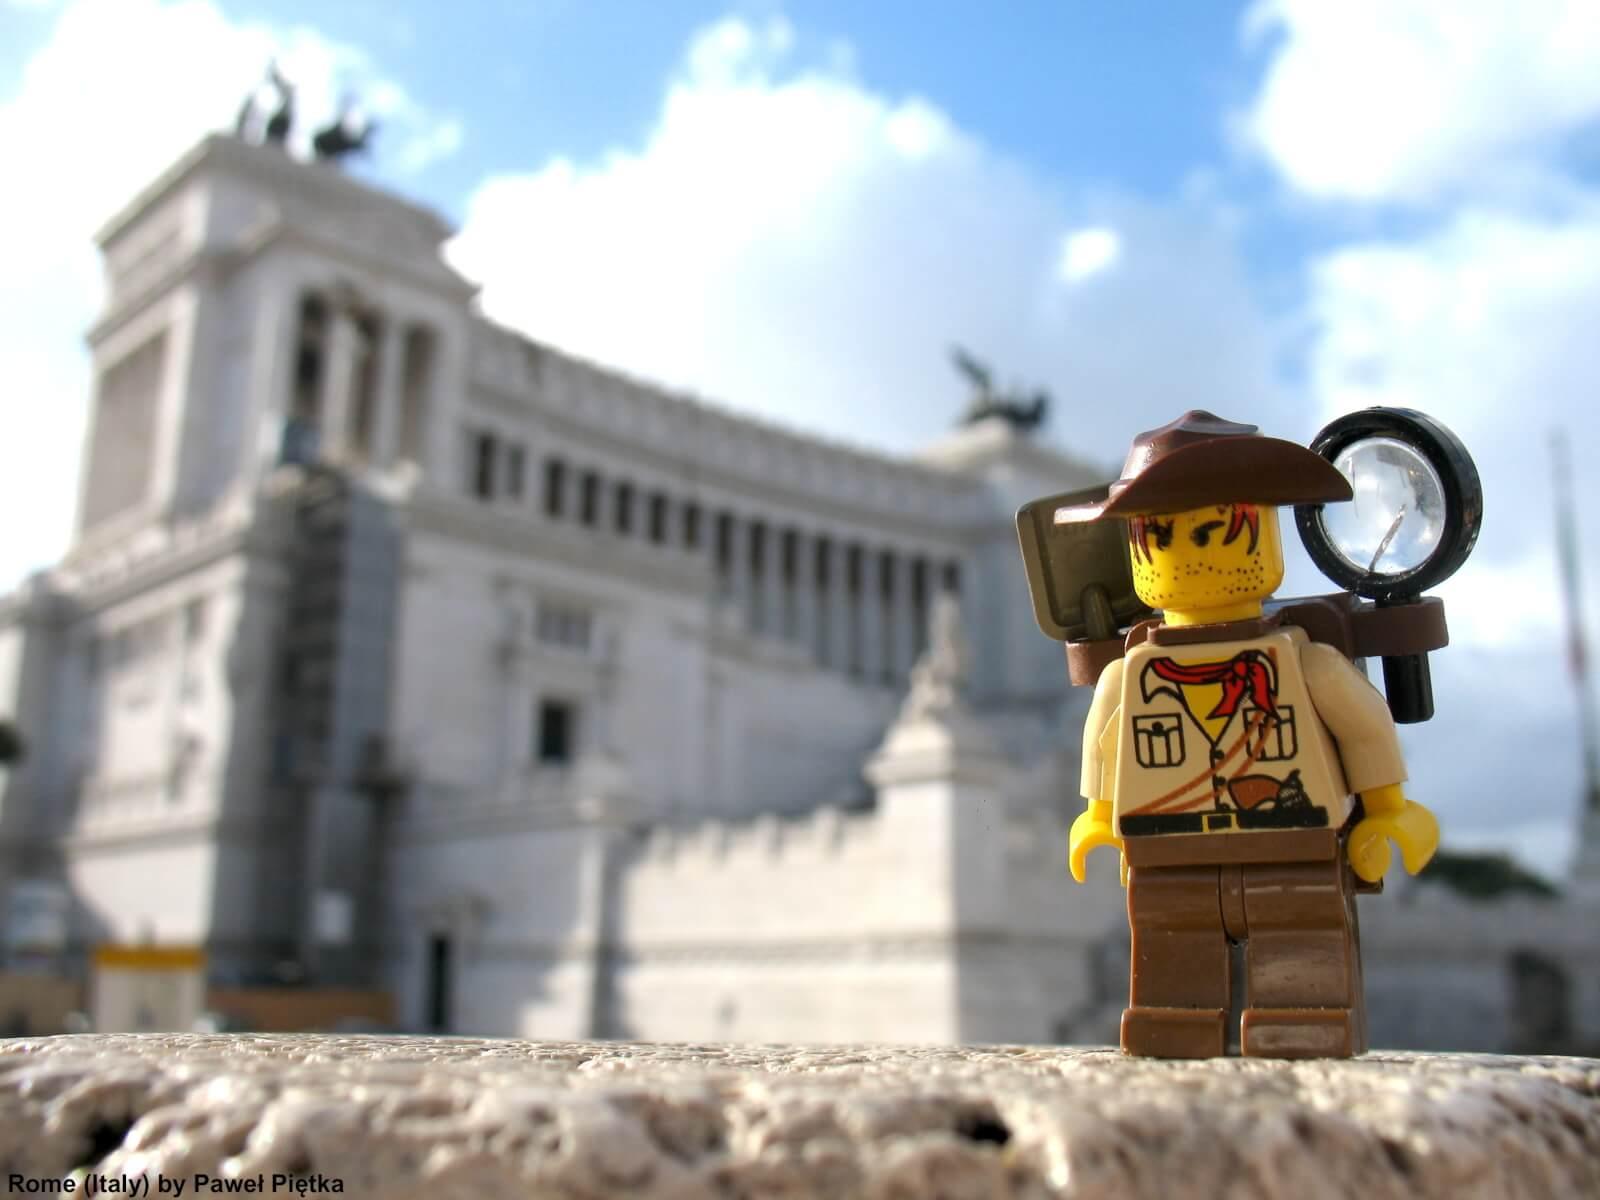 Rome (Italy) - Altare della Patria